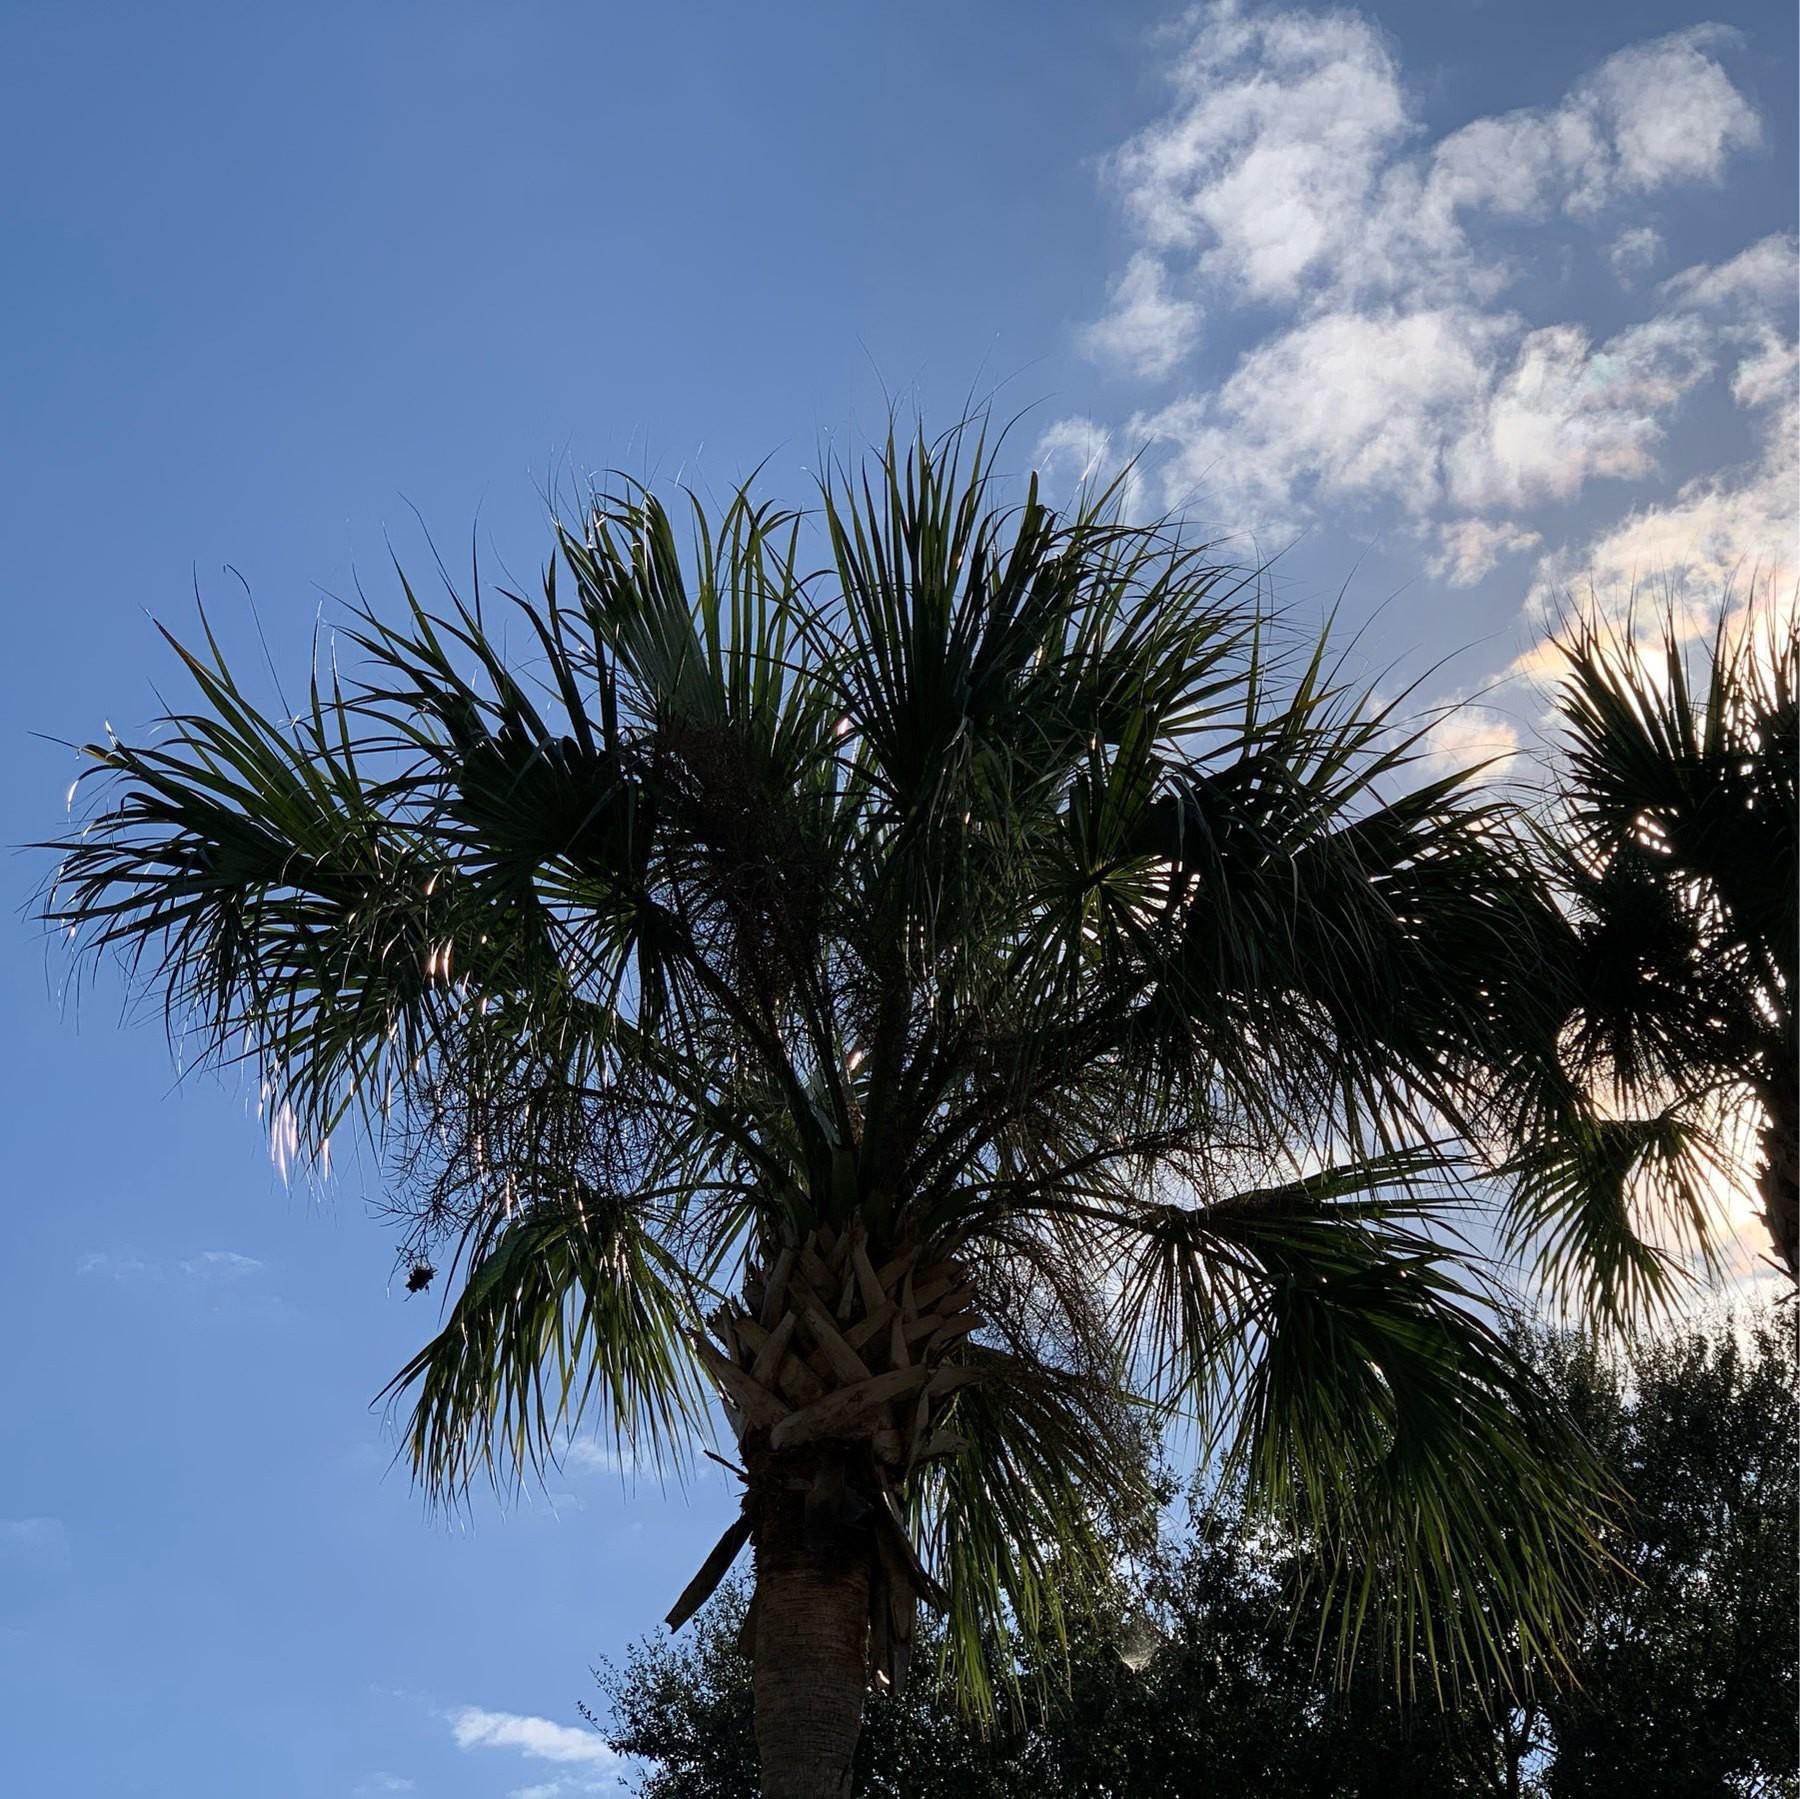 Palm tree, blue sky